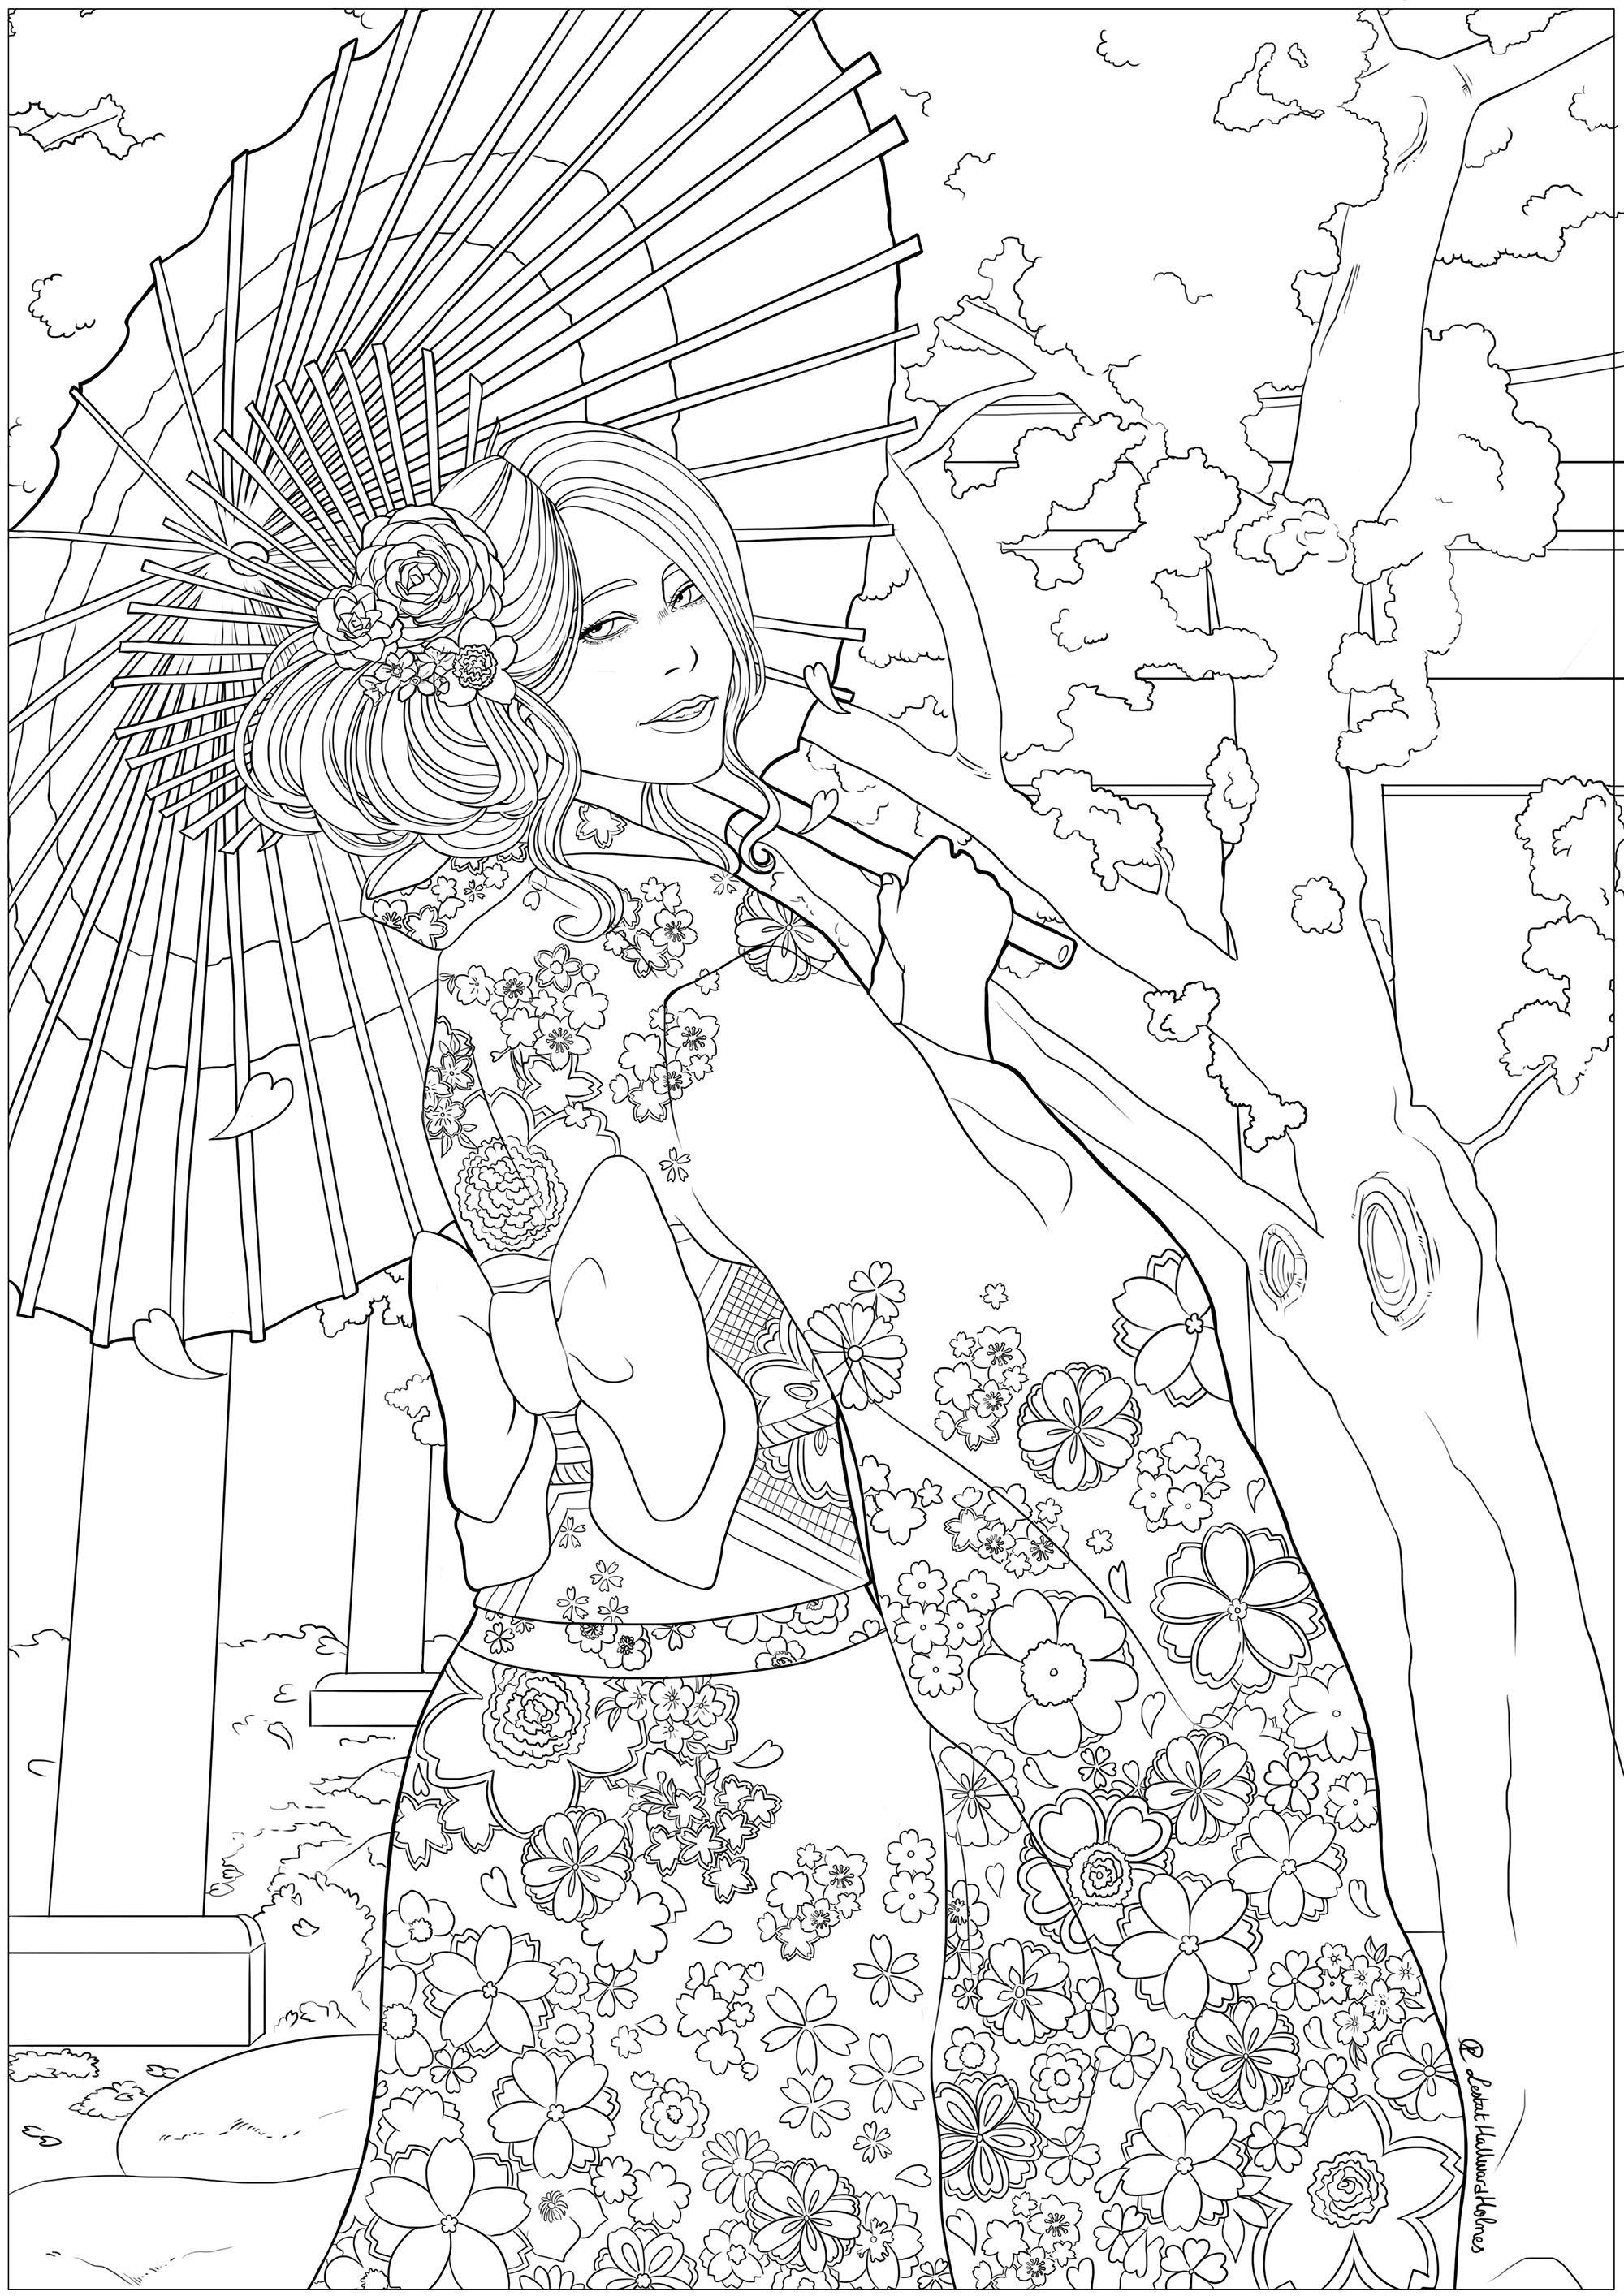 Une jeune femme élégante devant un temple et des cerisiers en fleurs, ayant sorti son plus beau yukata. Dessin célébrant le Hanami, le festival du printemps japonais.